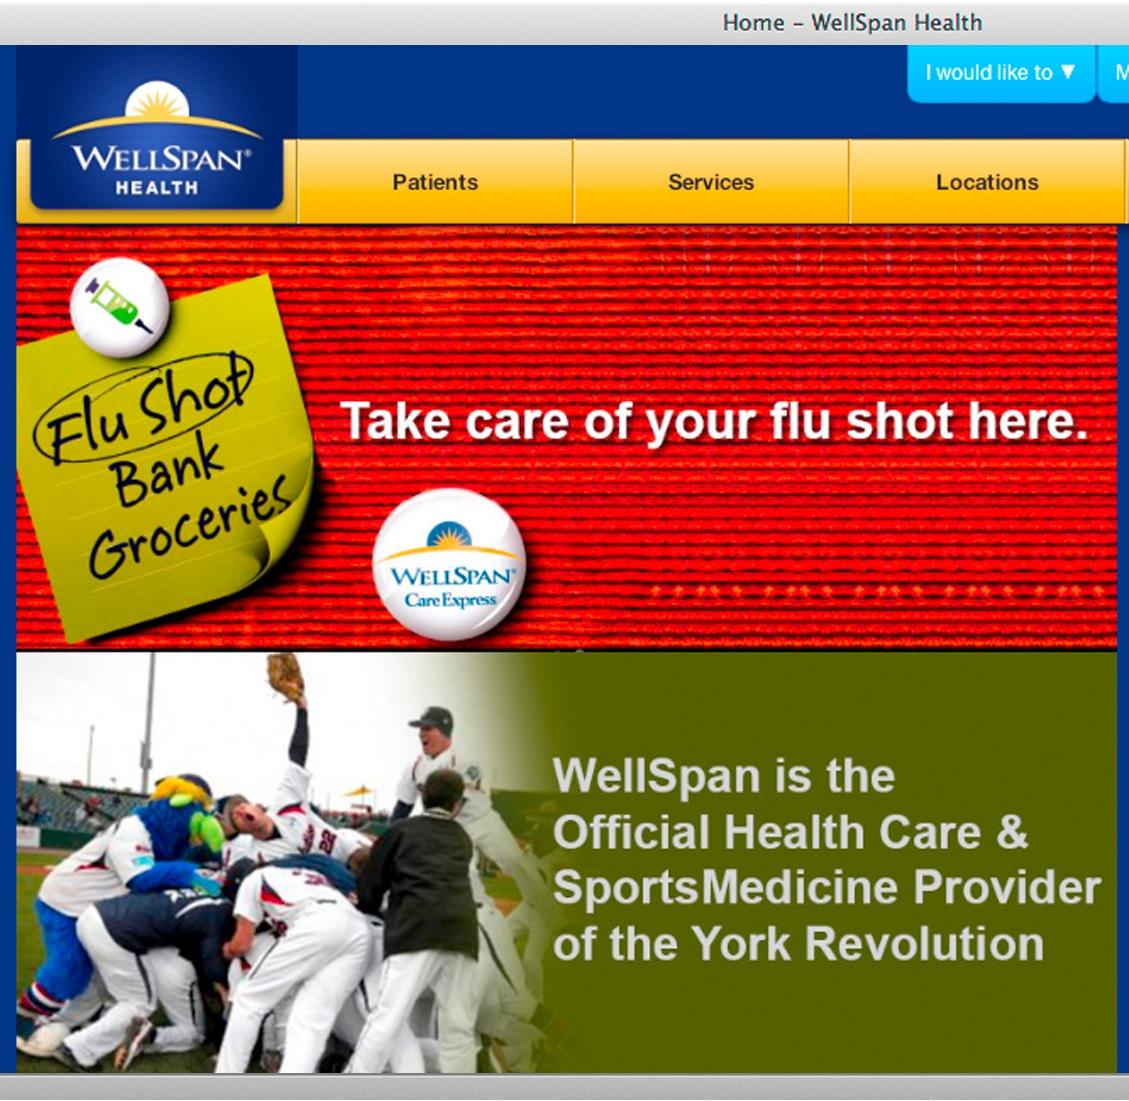 WellSpanHealth.org